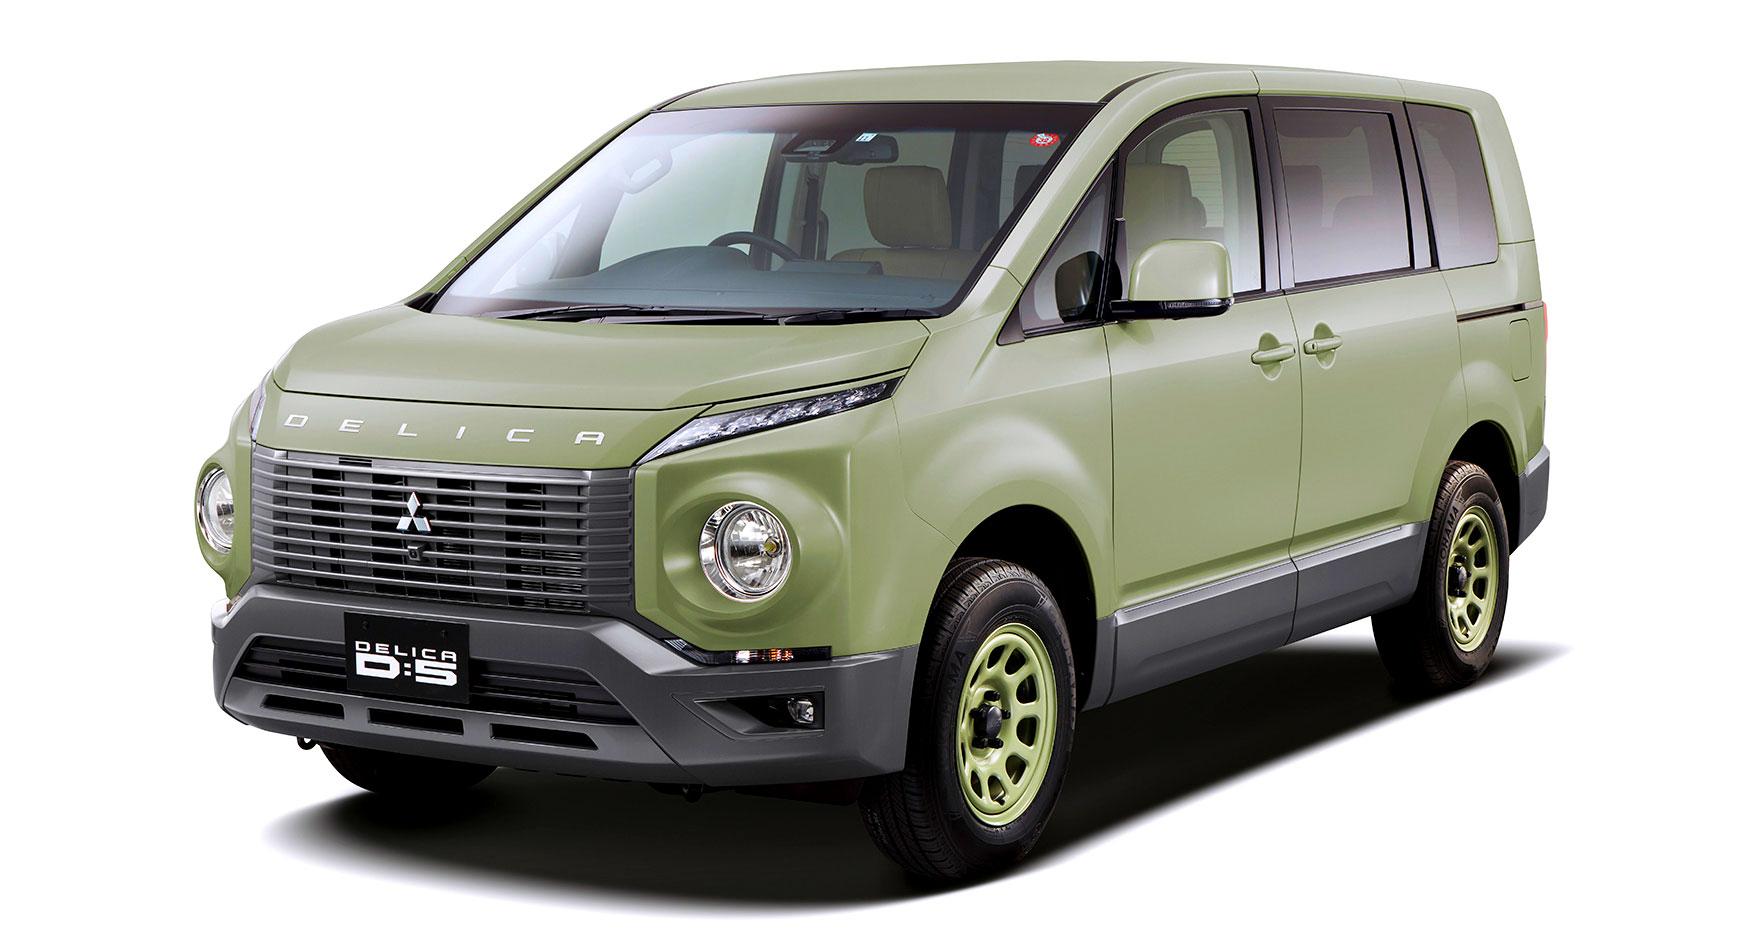 Mitsubishi-Delica-D5-Concept-Tokyo-Auto-Salon